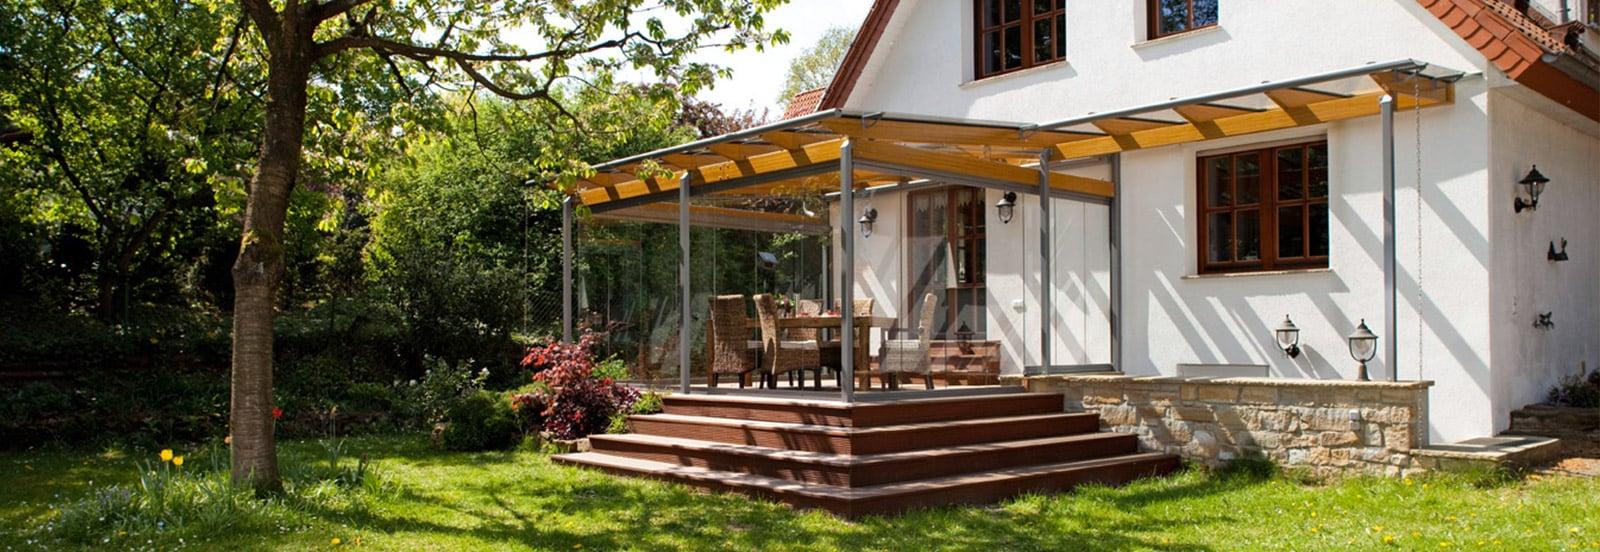 glasdach terrasse welche vorteile gibt es. Black Bedroom Furniture Sets. Home Design Ideas